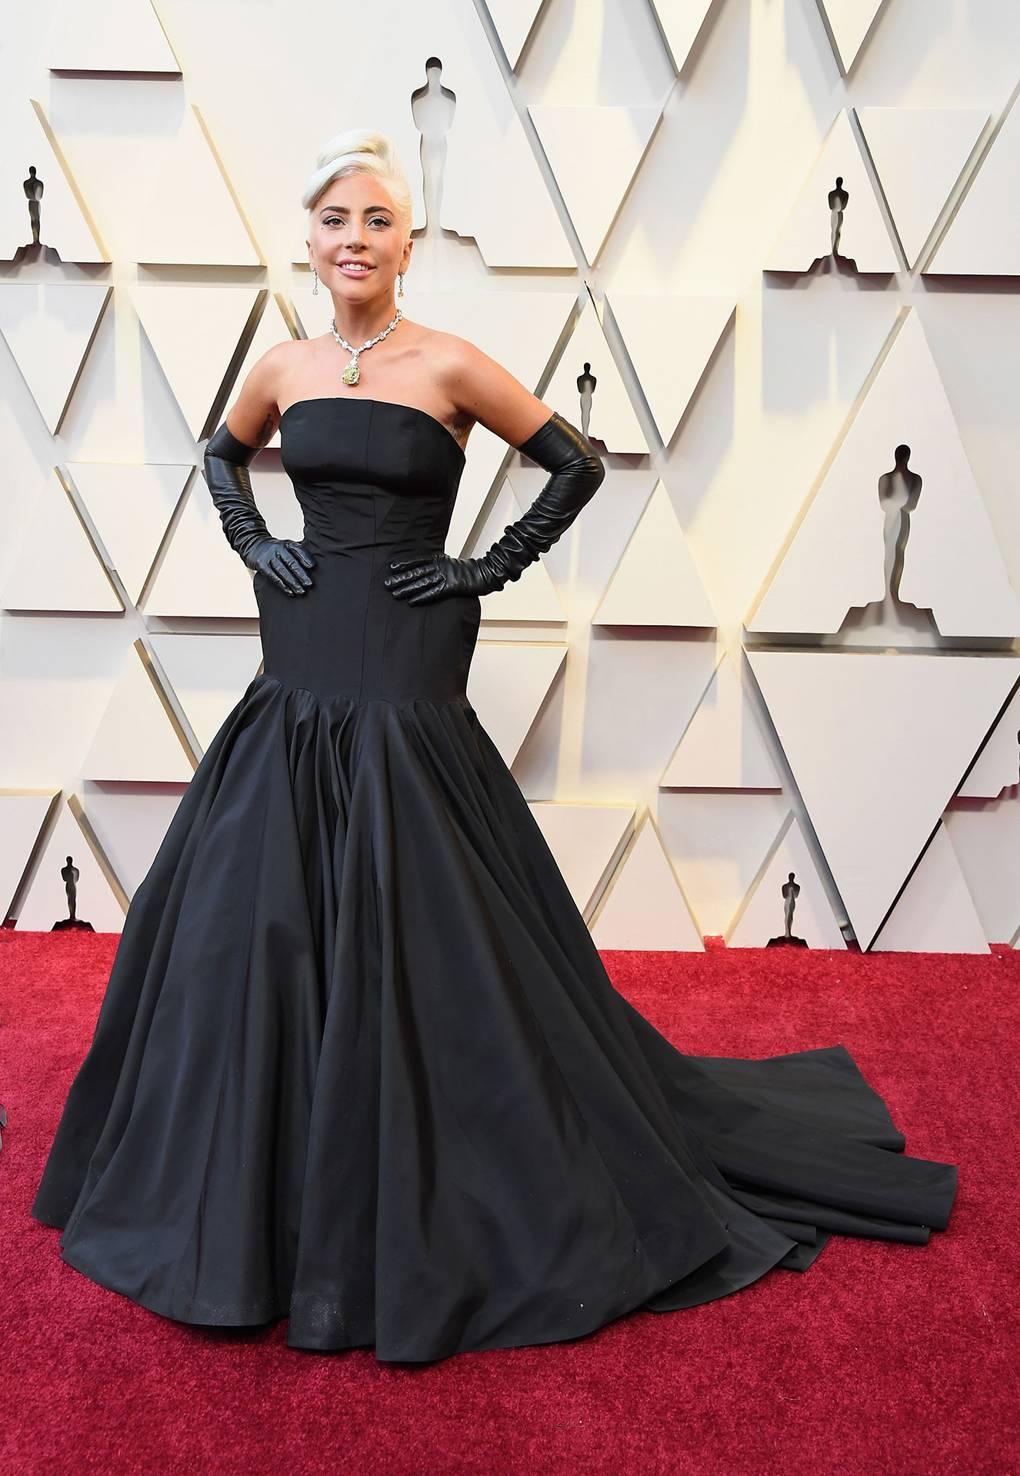 Lady Gaga đã xuất hiện trong bộ đầm đen có thiết kế nhấn hông của NTK Alexander McQueen,